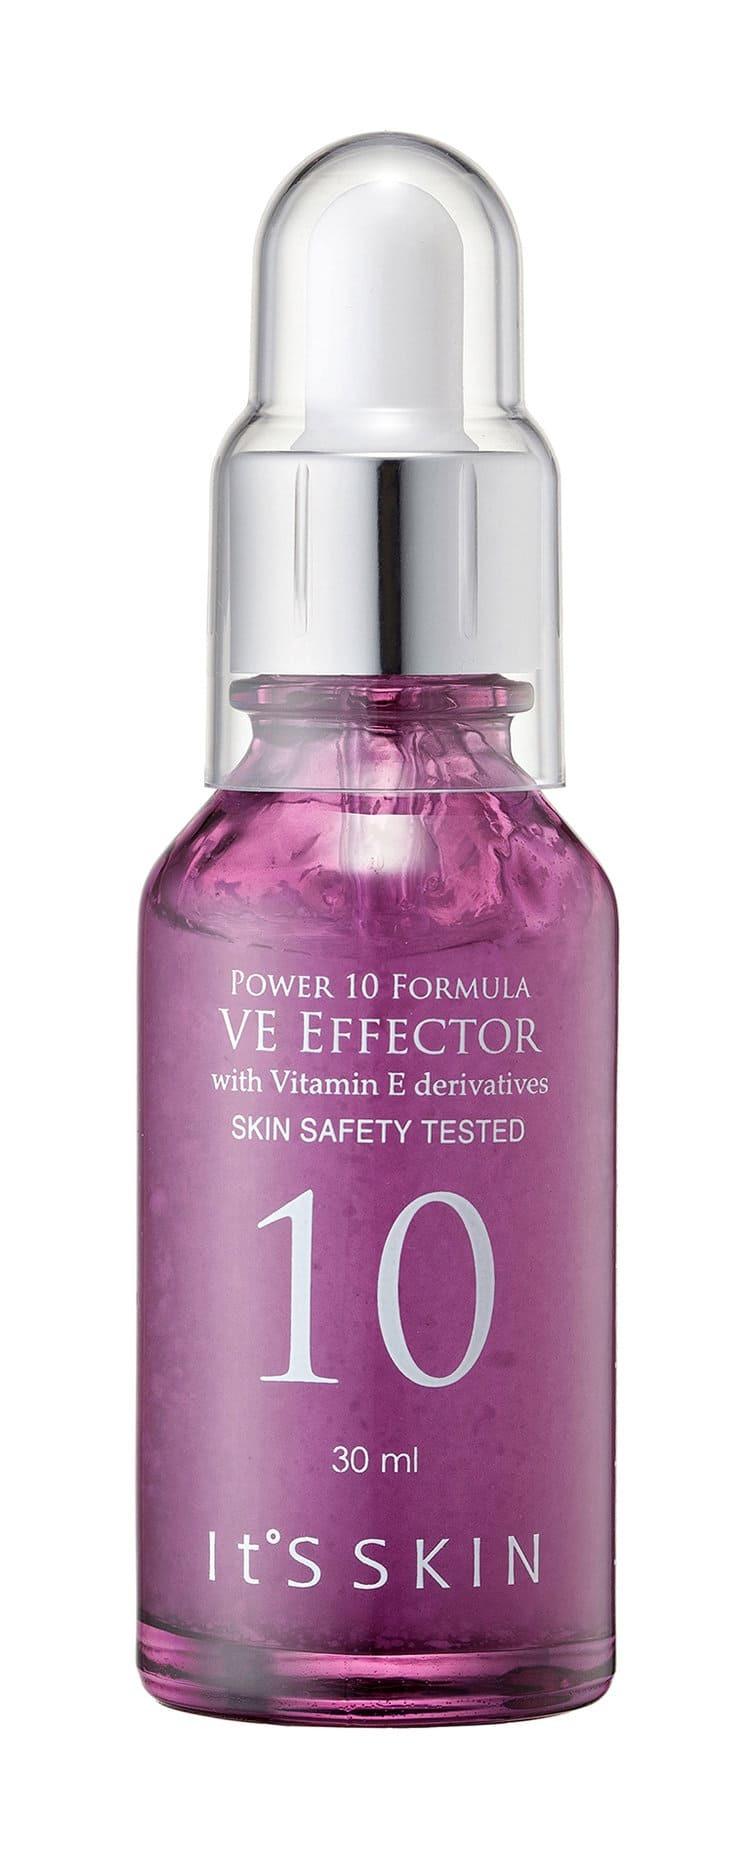 Сыворотка для лица - It`s Skin Power 10 Formula VE Effector